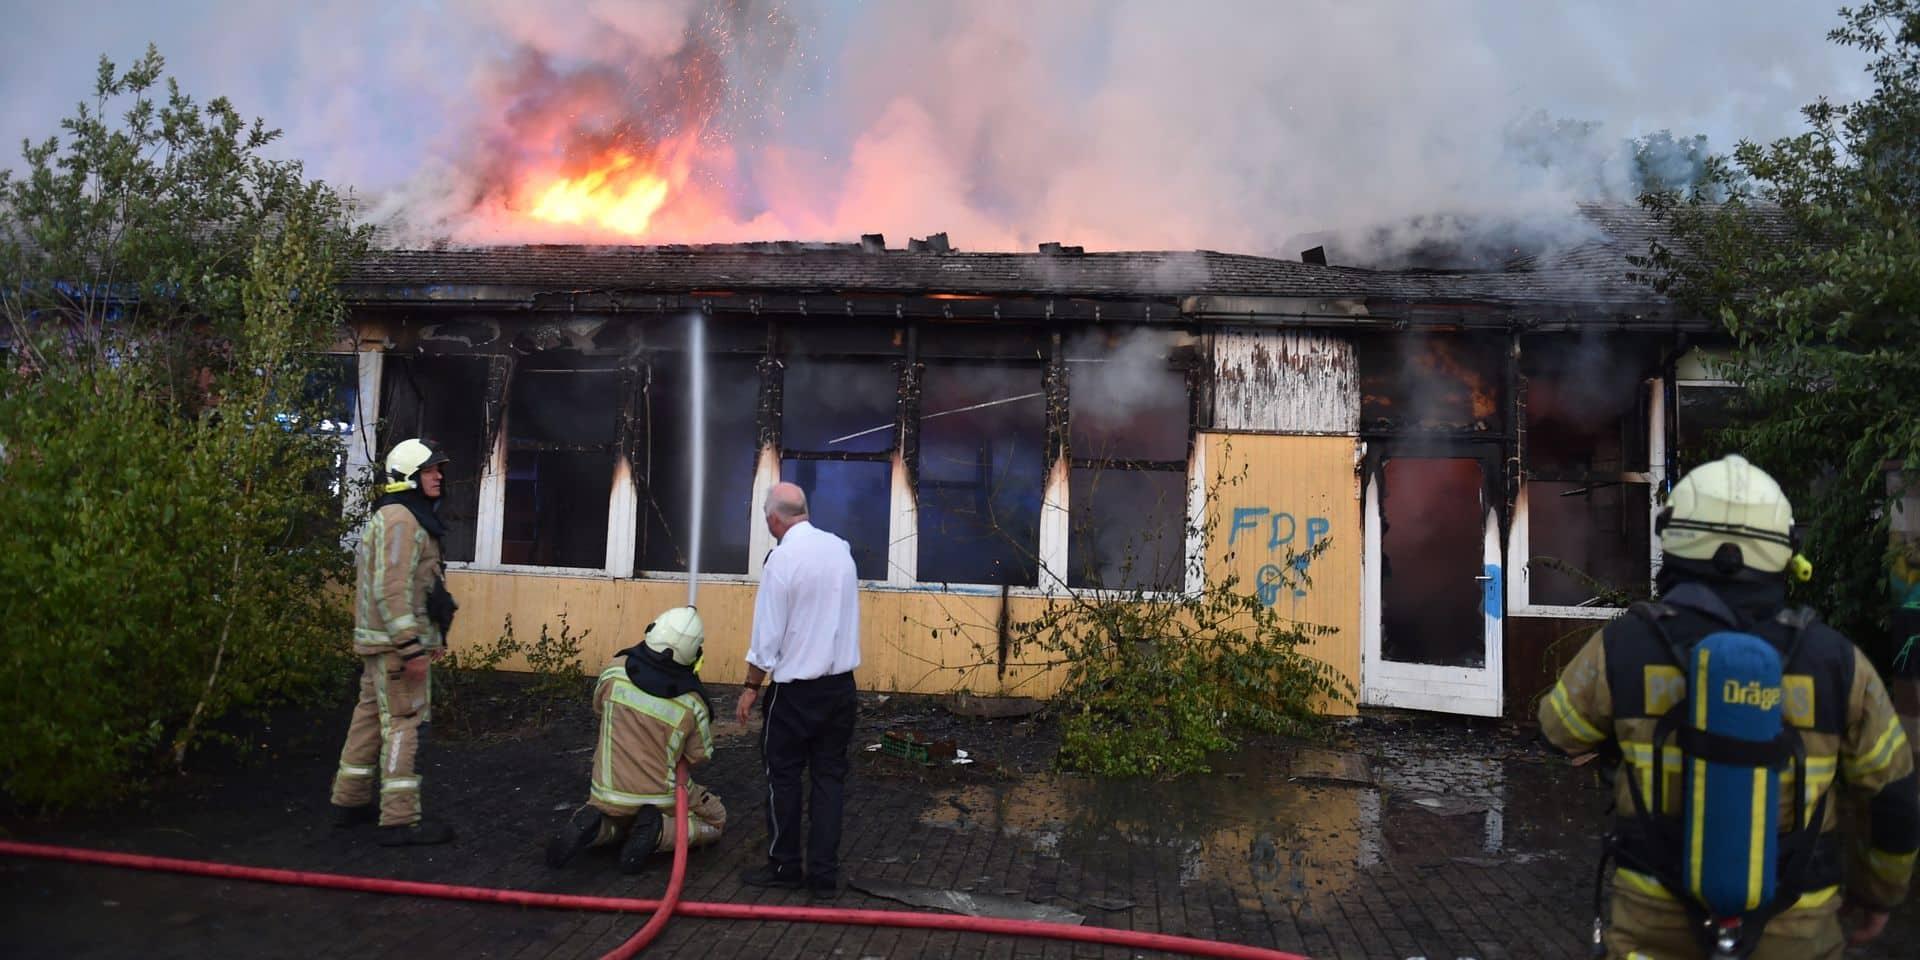 Incendie à l'école du Bas Wérichet à Jemeppe-sur-Sambre : un jeune de 18 ans avoue avoir mis le feu !